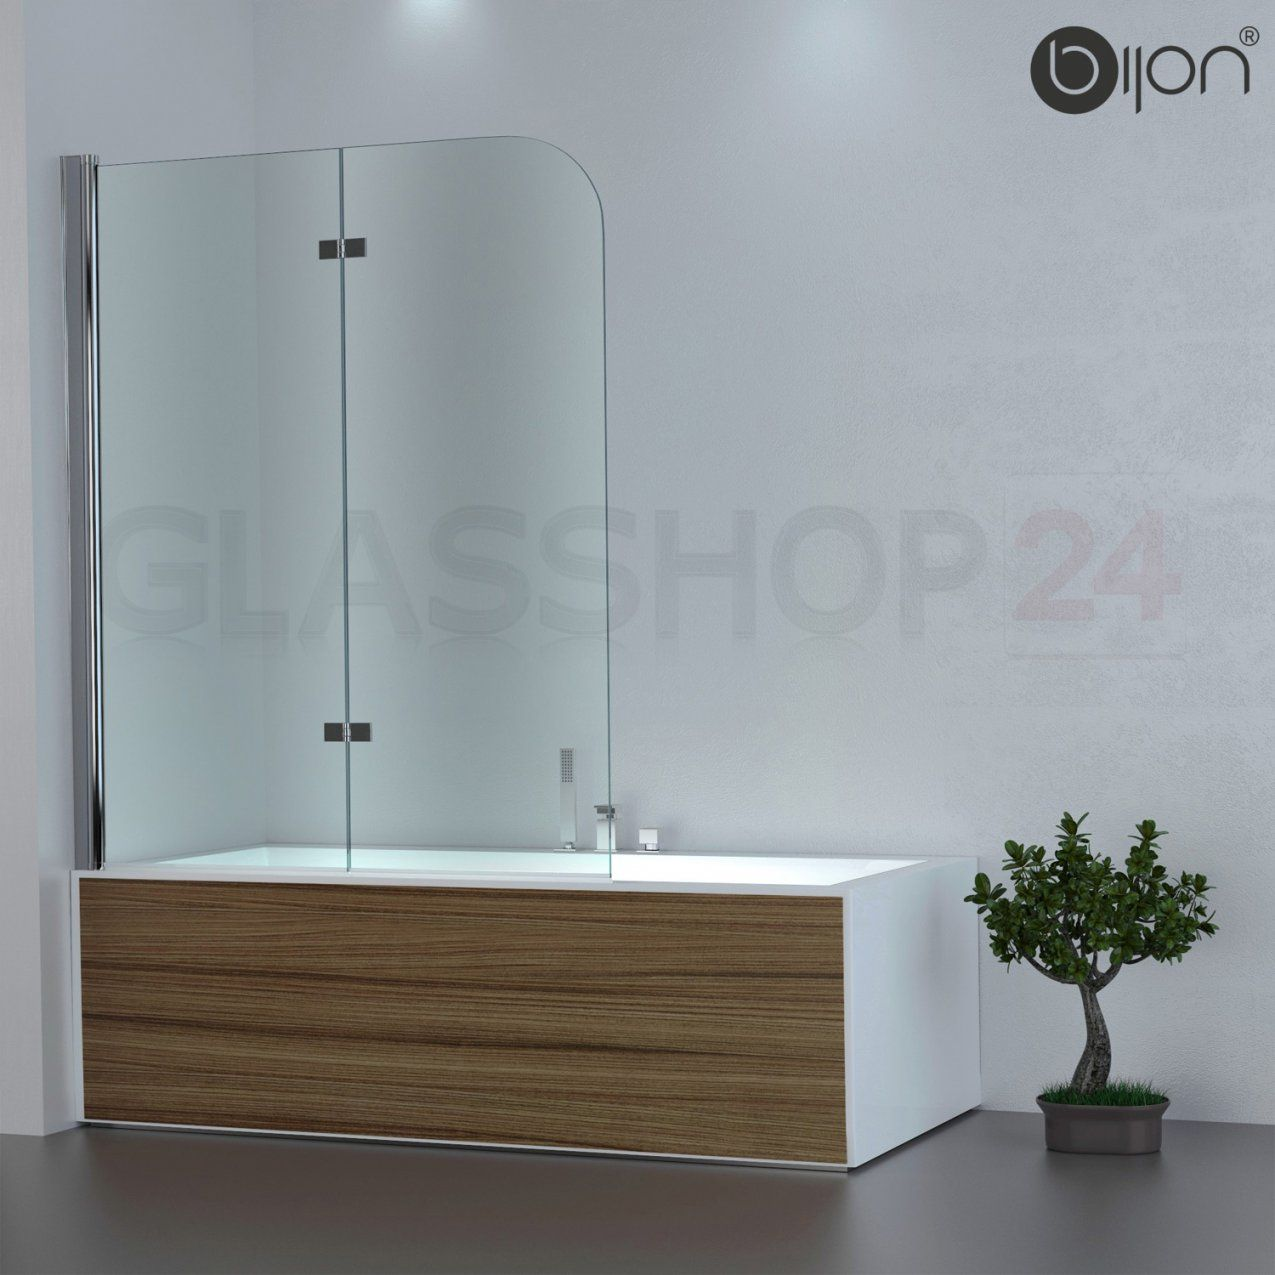 duschwand badewanne kaufen bei obi von duschwand glas f r badewanne photo haus design ideen. Black Bedroom Furniture Sets. Home Design Ideas